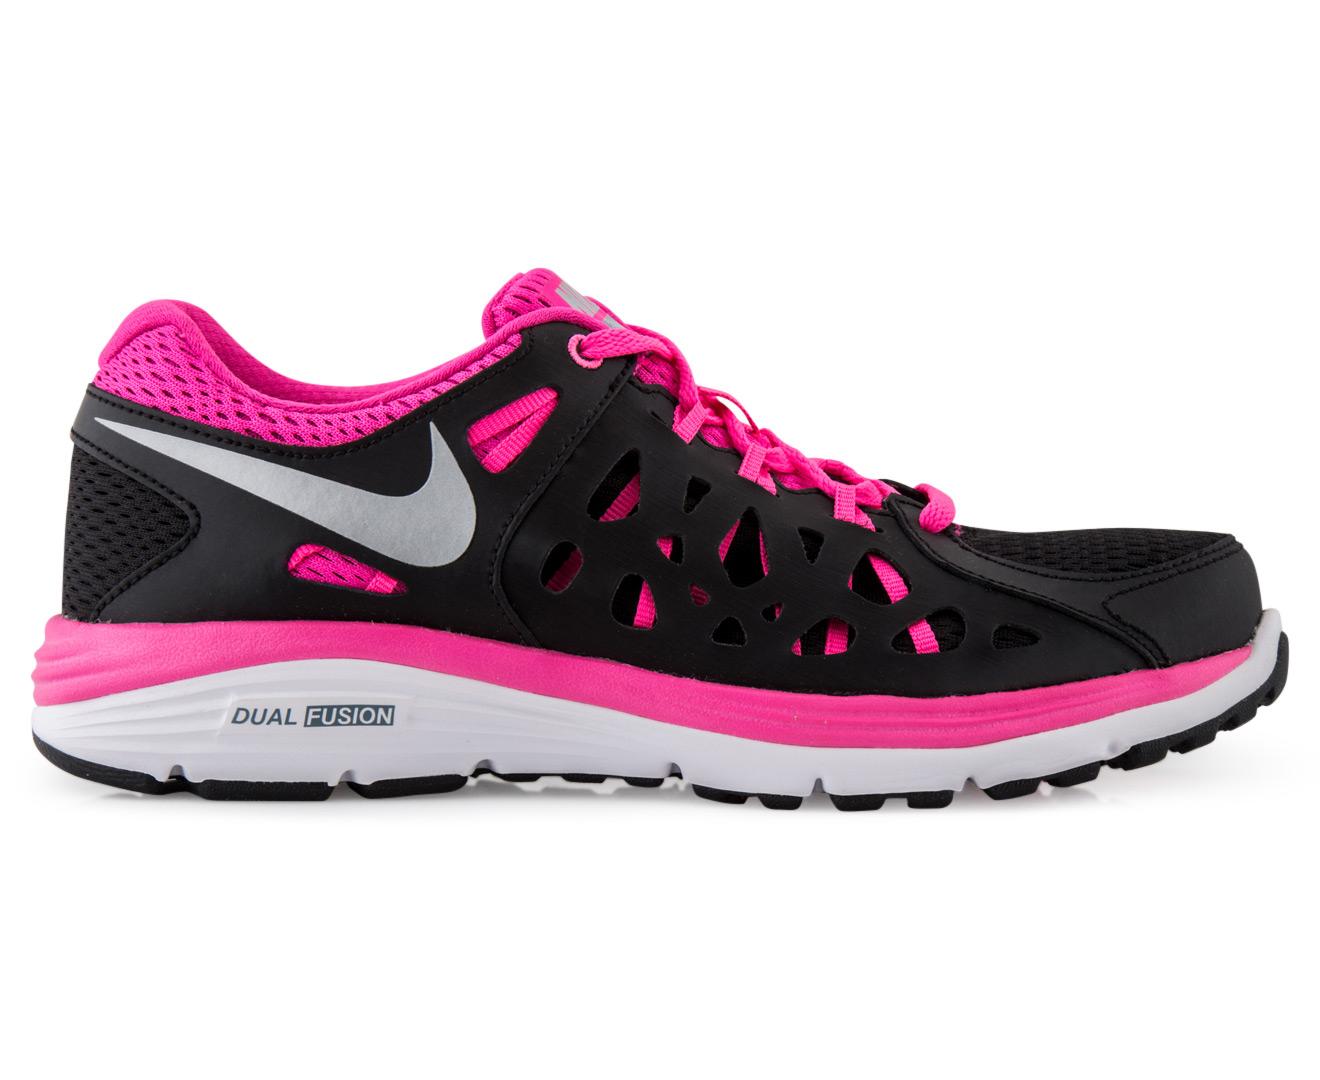 Nike Mujer Dunk Hi Skinny Print Sneaker zapatos  Gris/Violet 543242 005 Gris/Violet  5960d7